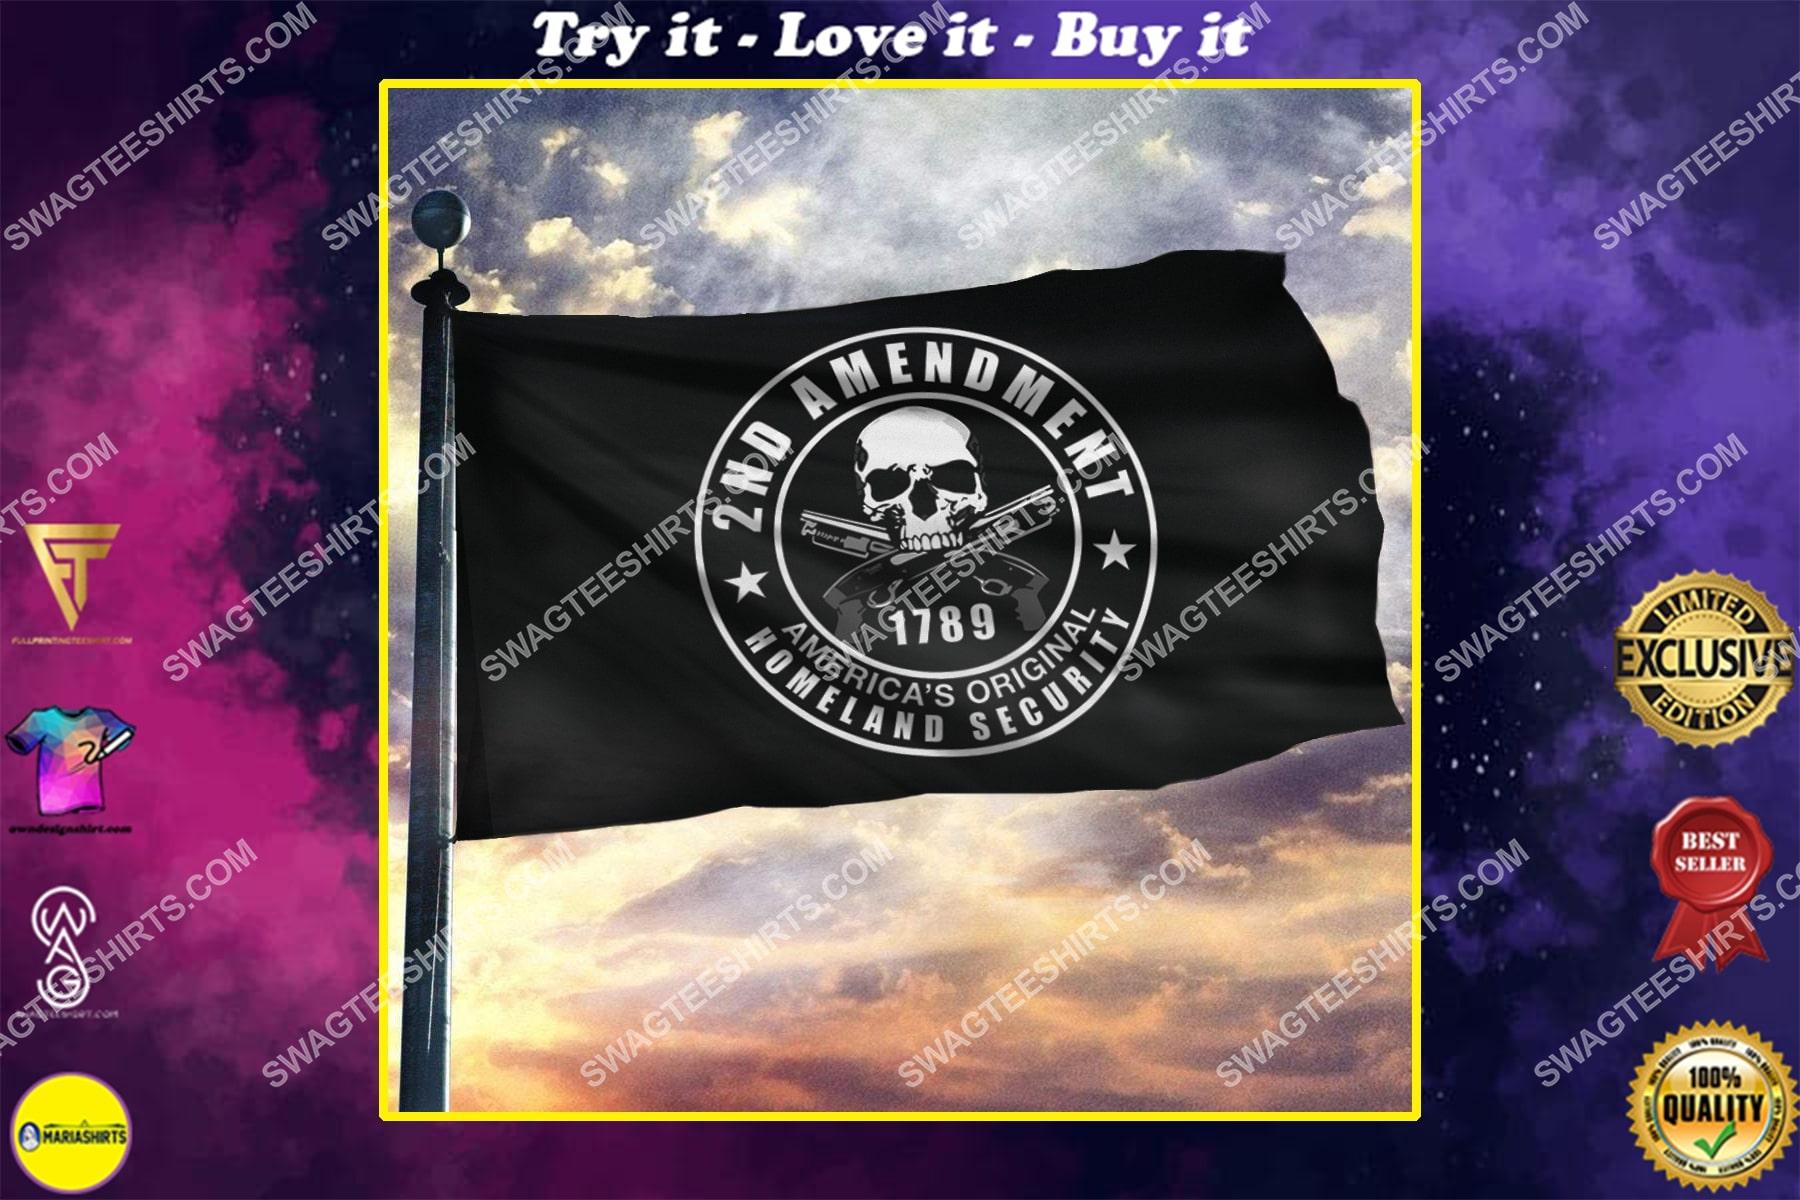 2nd amendment america's original homeland security politics flag